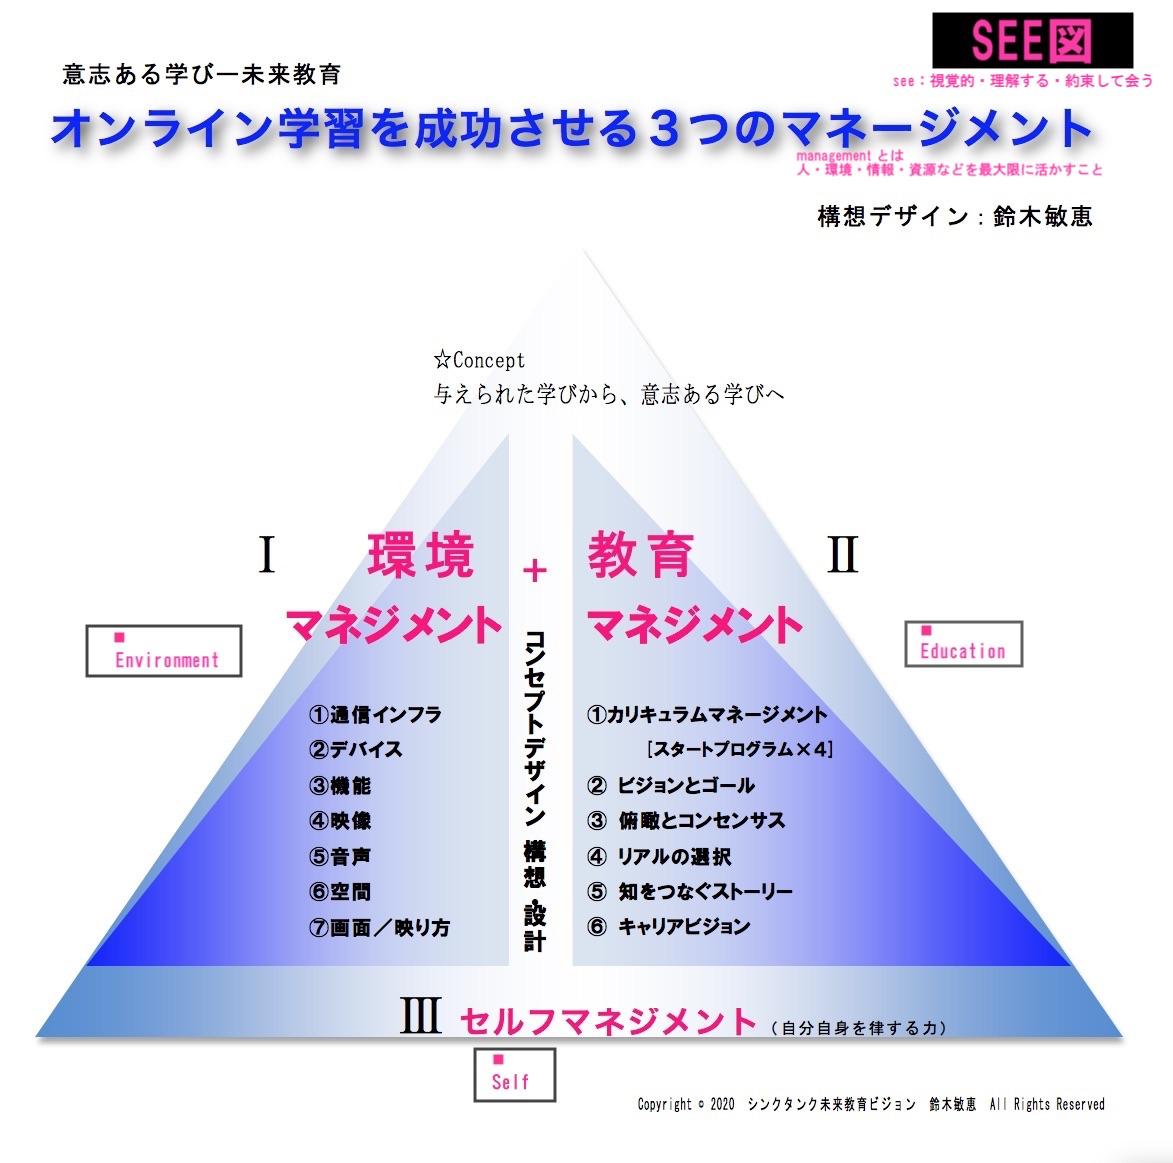 [シート02]SEE図:オンライン授業3つのマネージメント